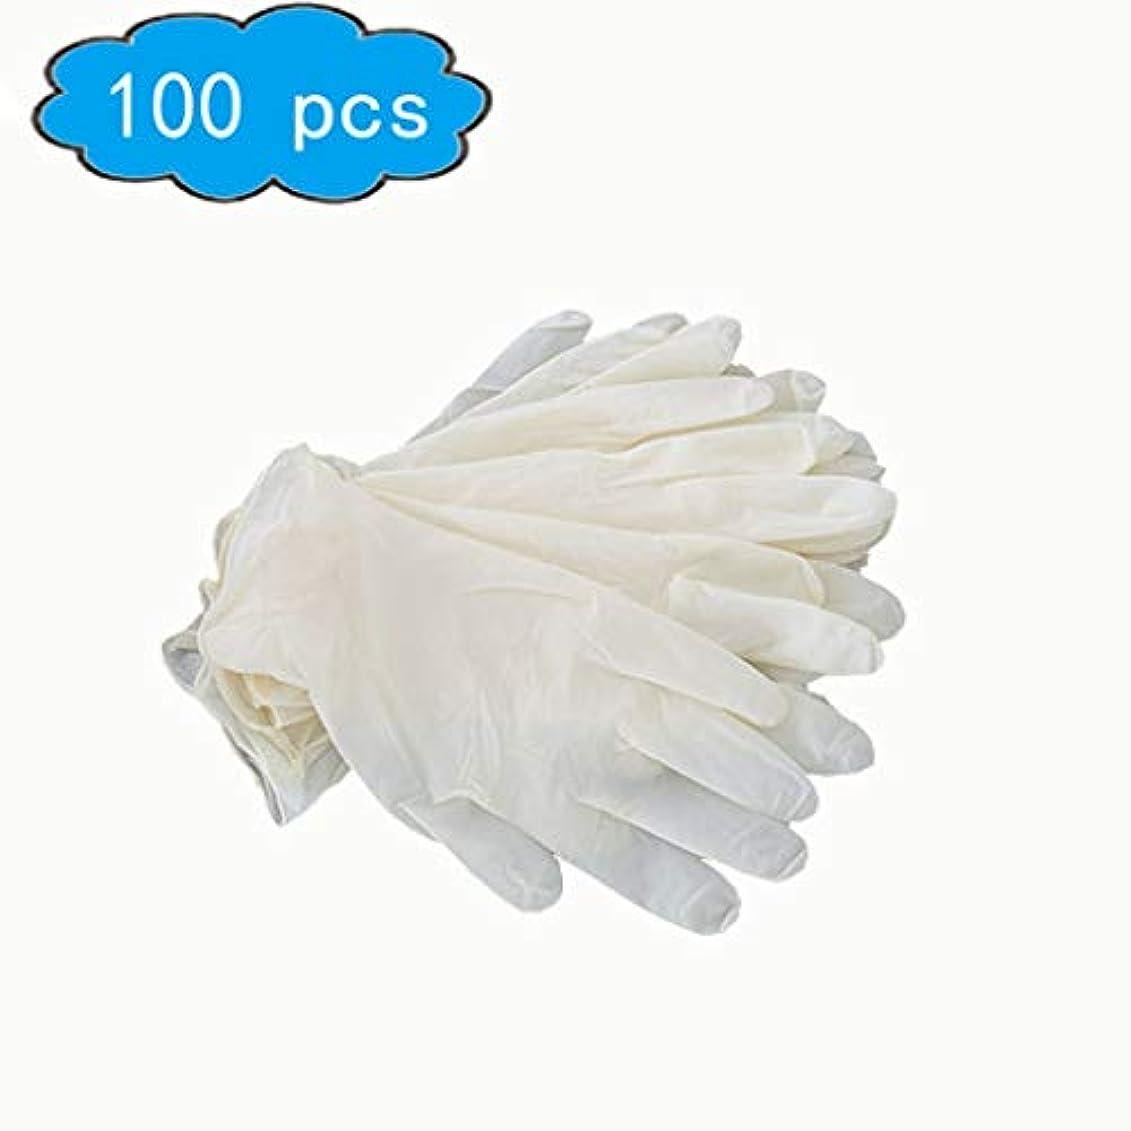 挑発する息苦しい厚くするラテックスゴム手袋パウダーフリー/使い捨て食品調理用手袋/キッチンフードサービスクリーニンググローブサイズ中型、100個入り、応急処置用品 (Color : Beige, Size : L)